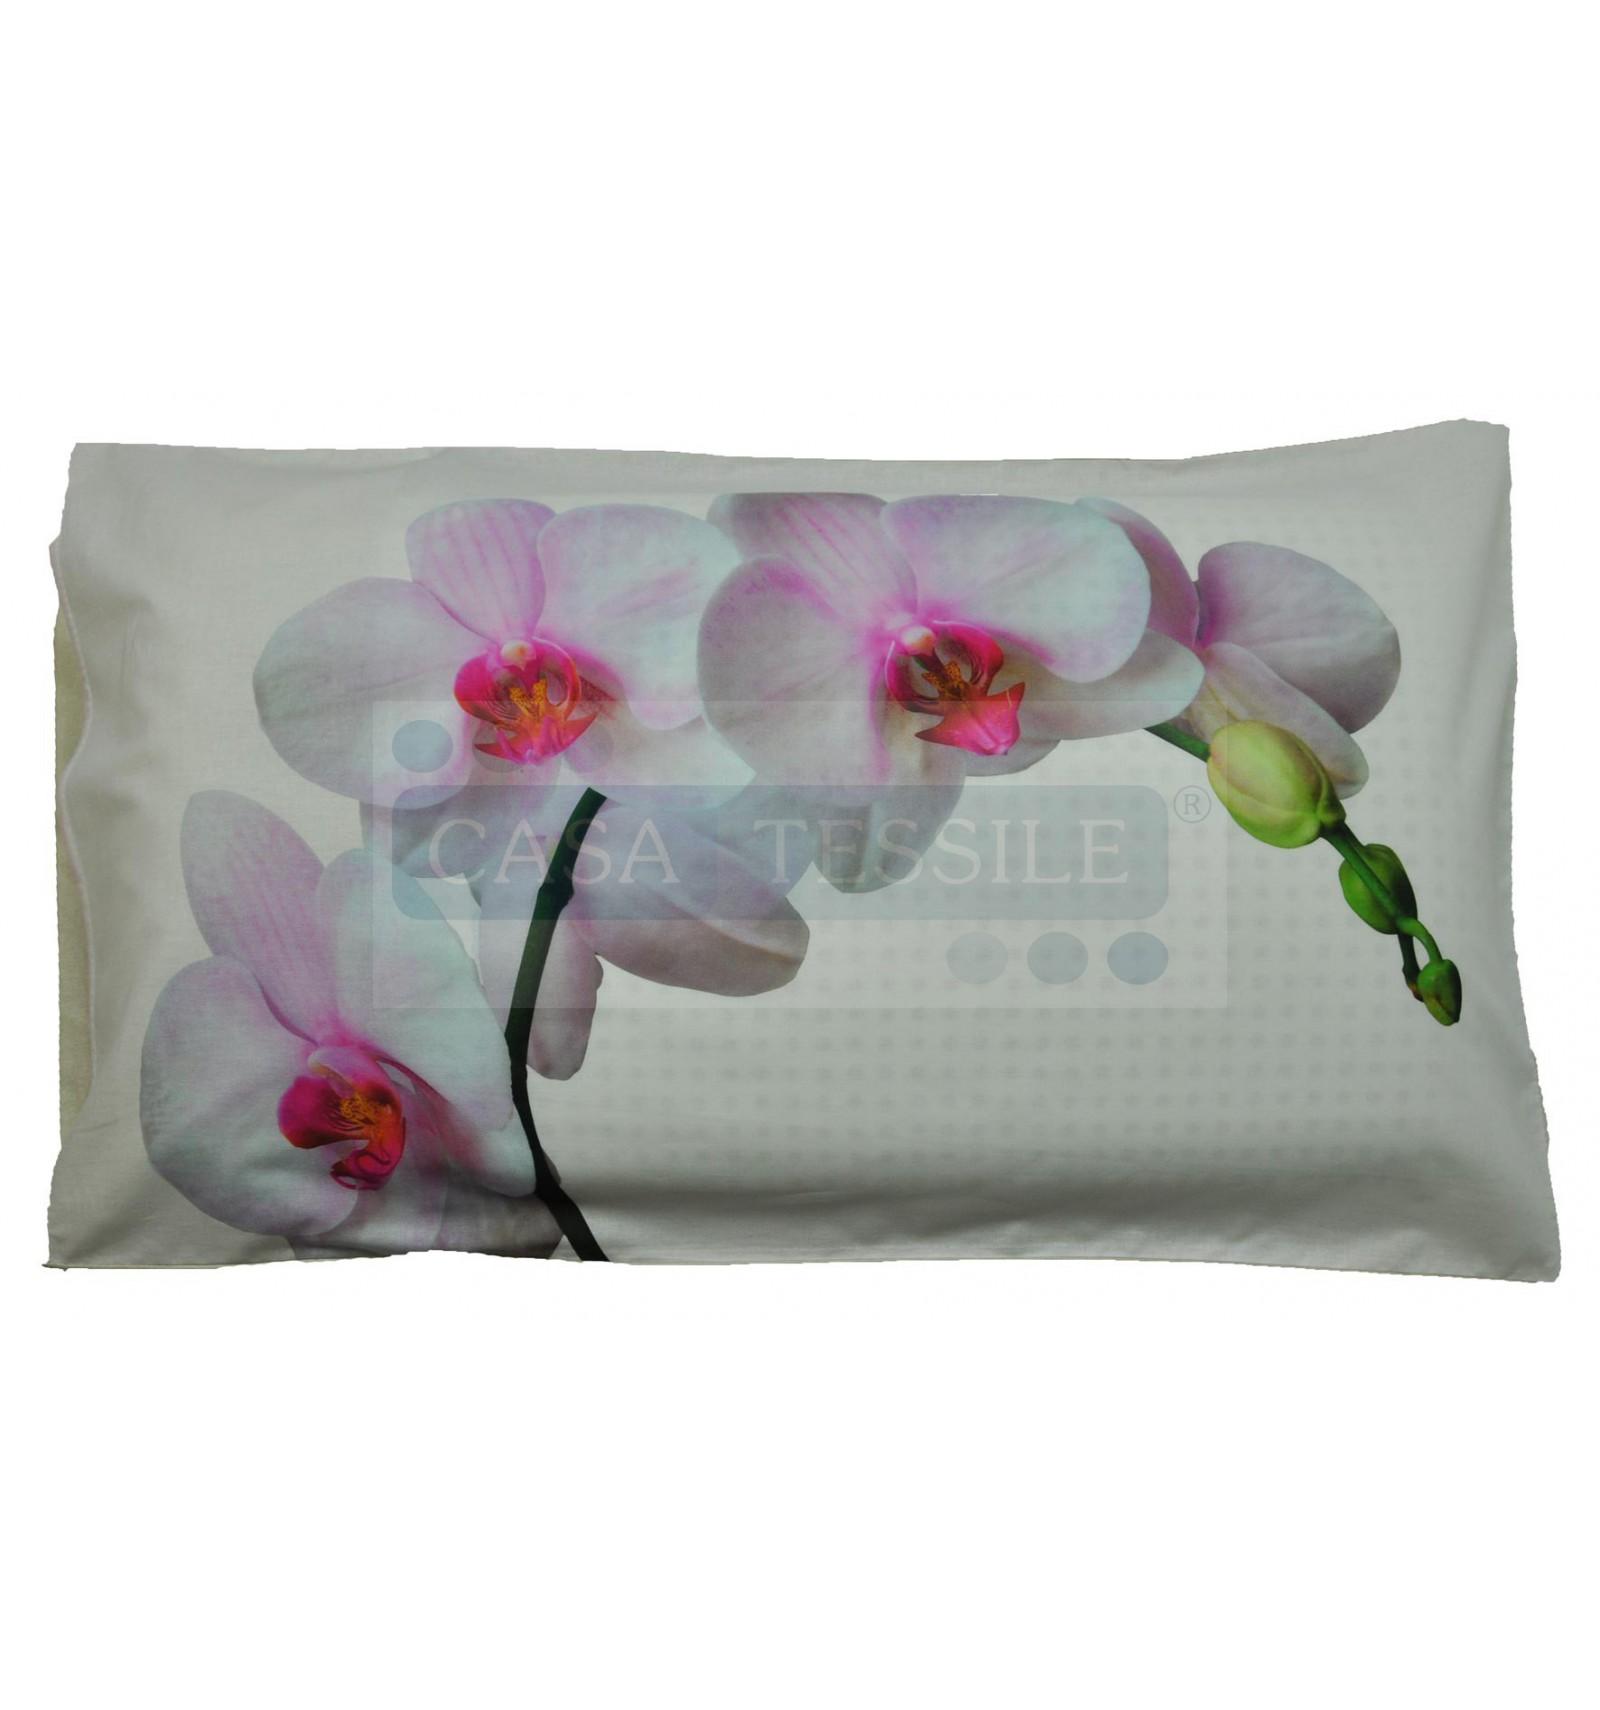 Federa cuscino letto stampa fotografica Orchidea  CasaTessile